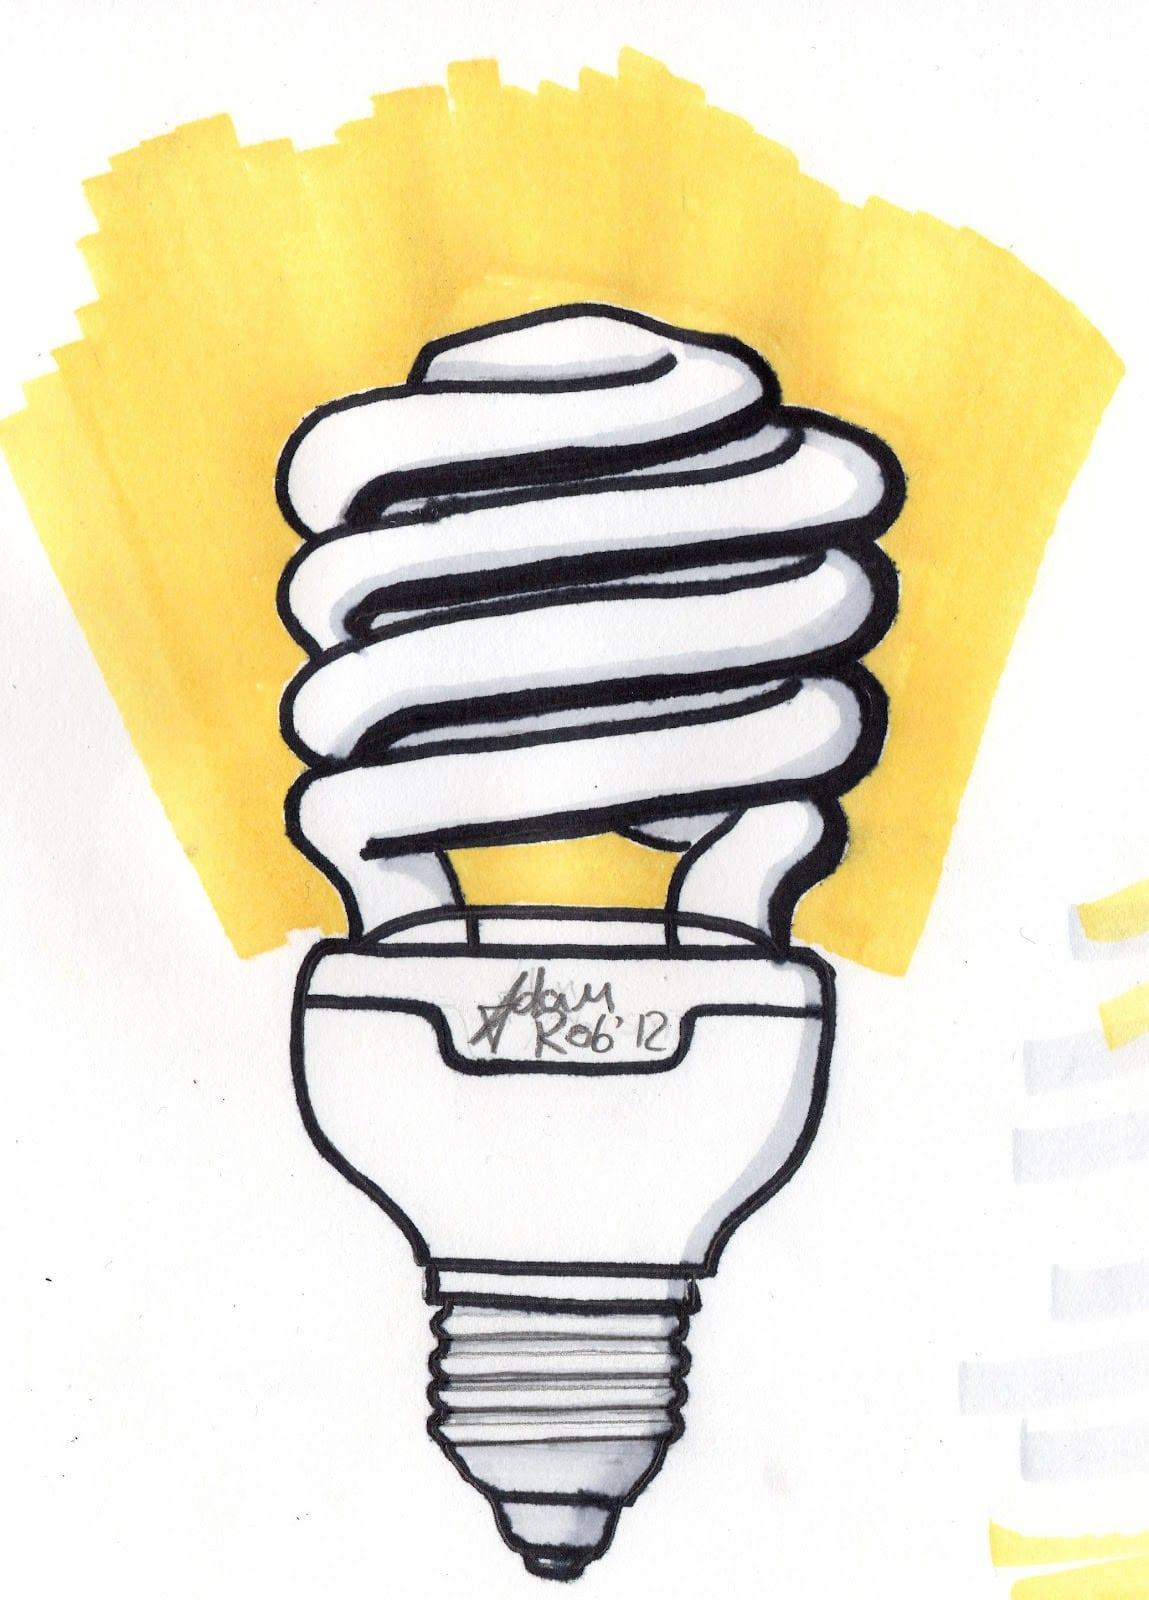 Save energy light bulbs for sale